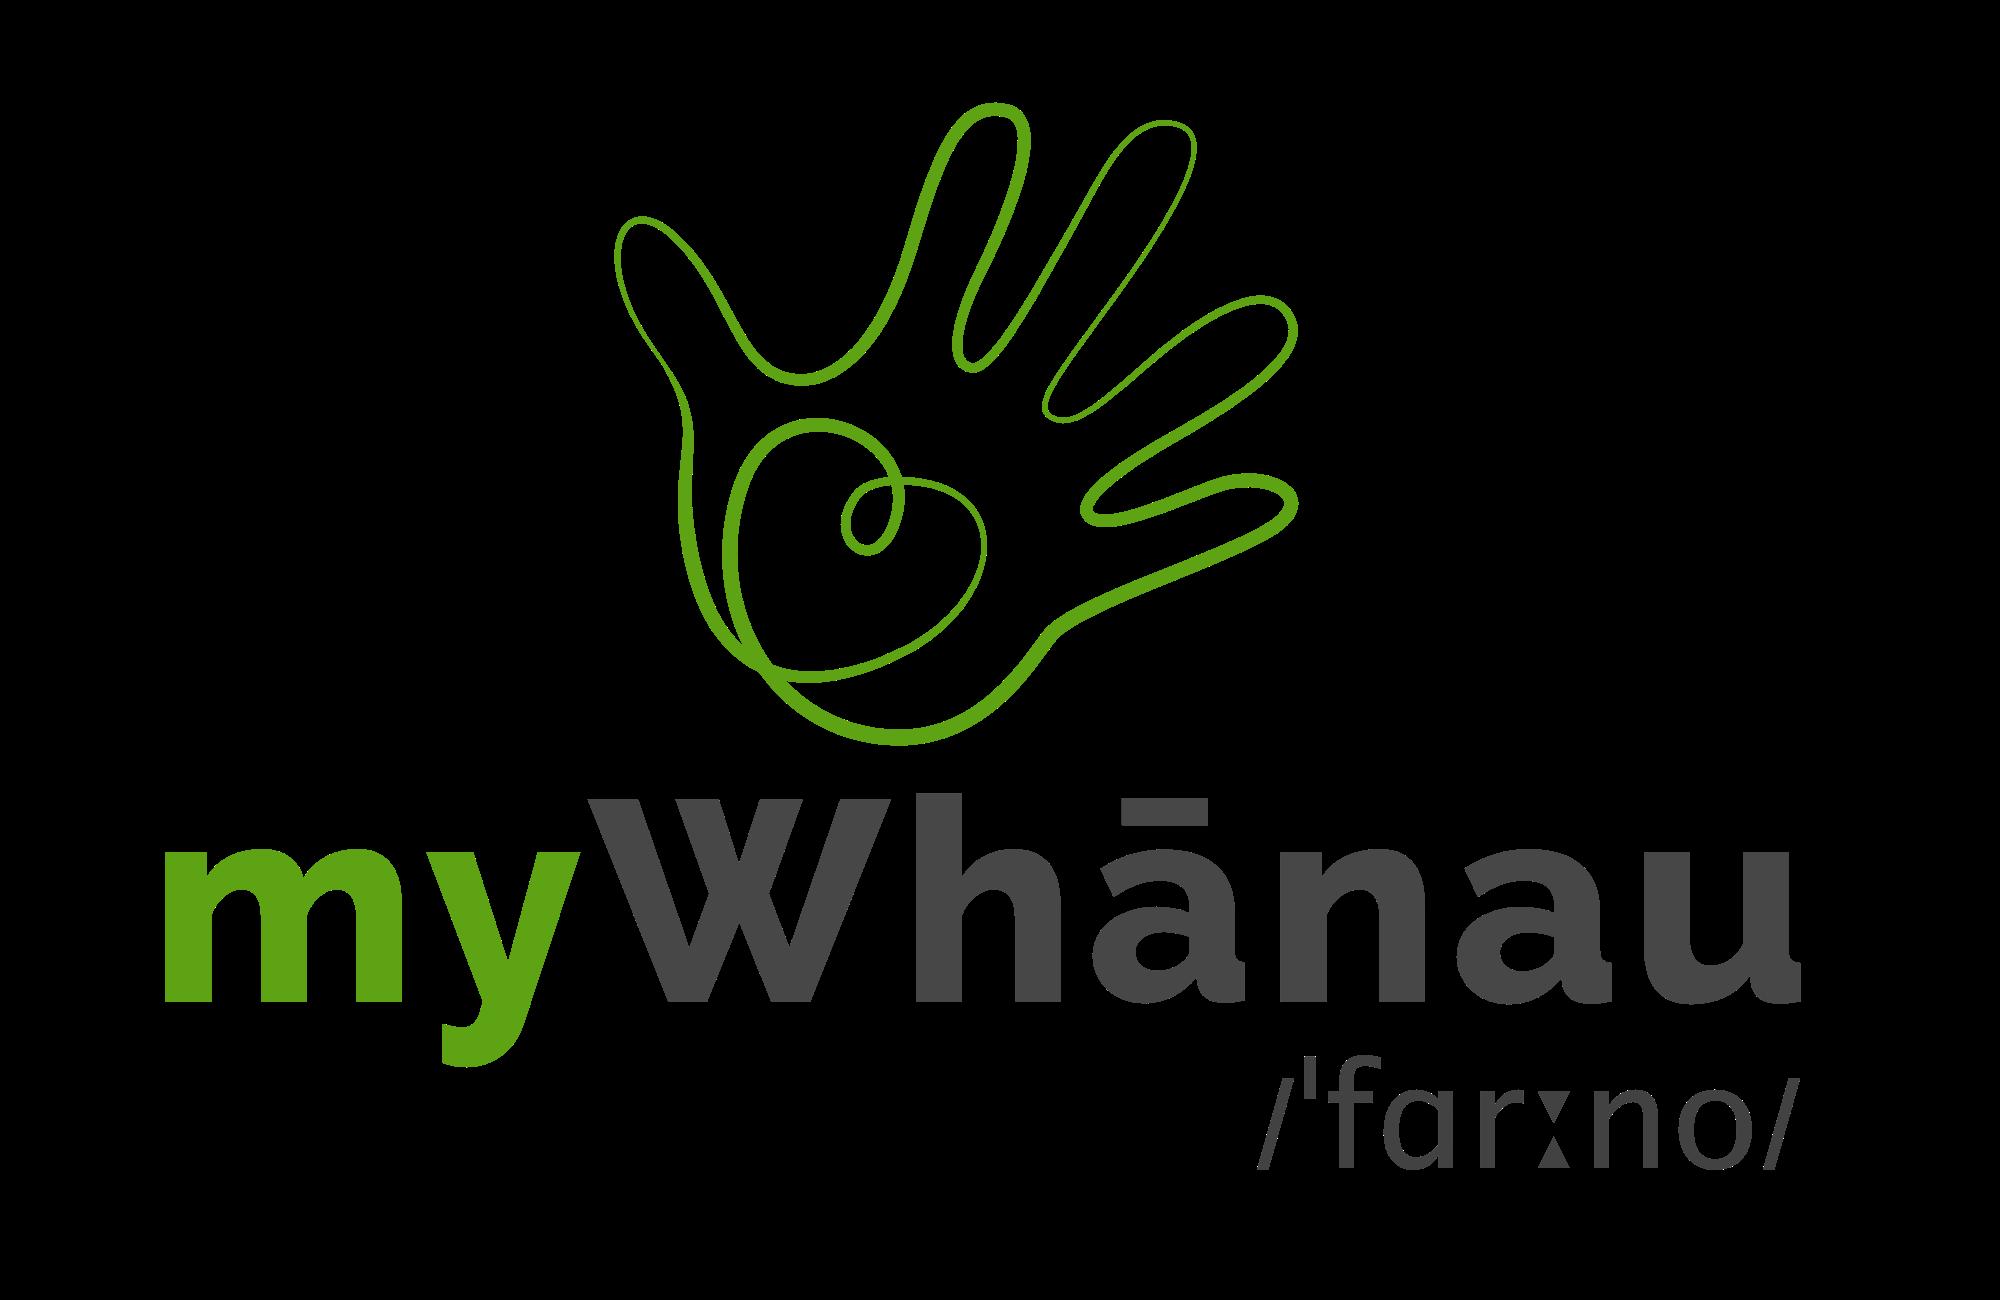 myWhanau-logo-phonetic